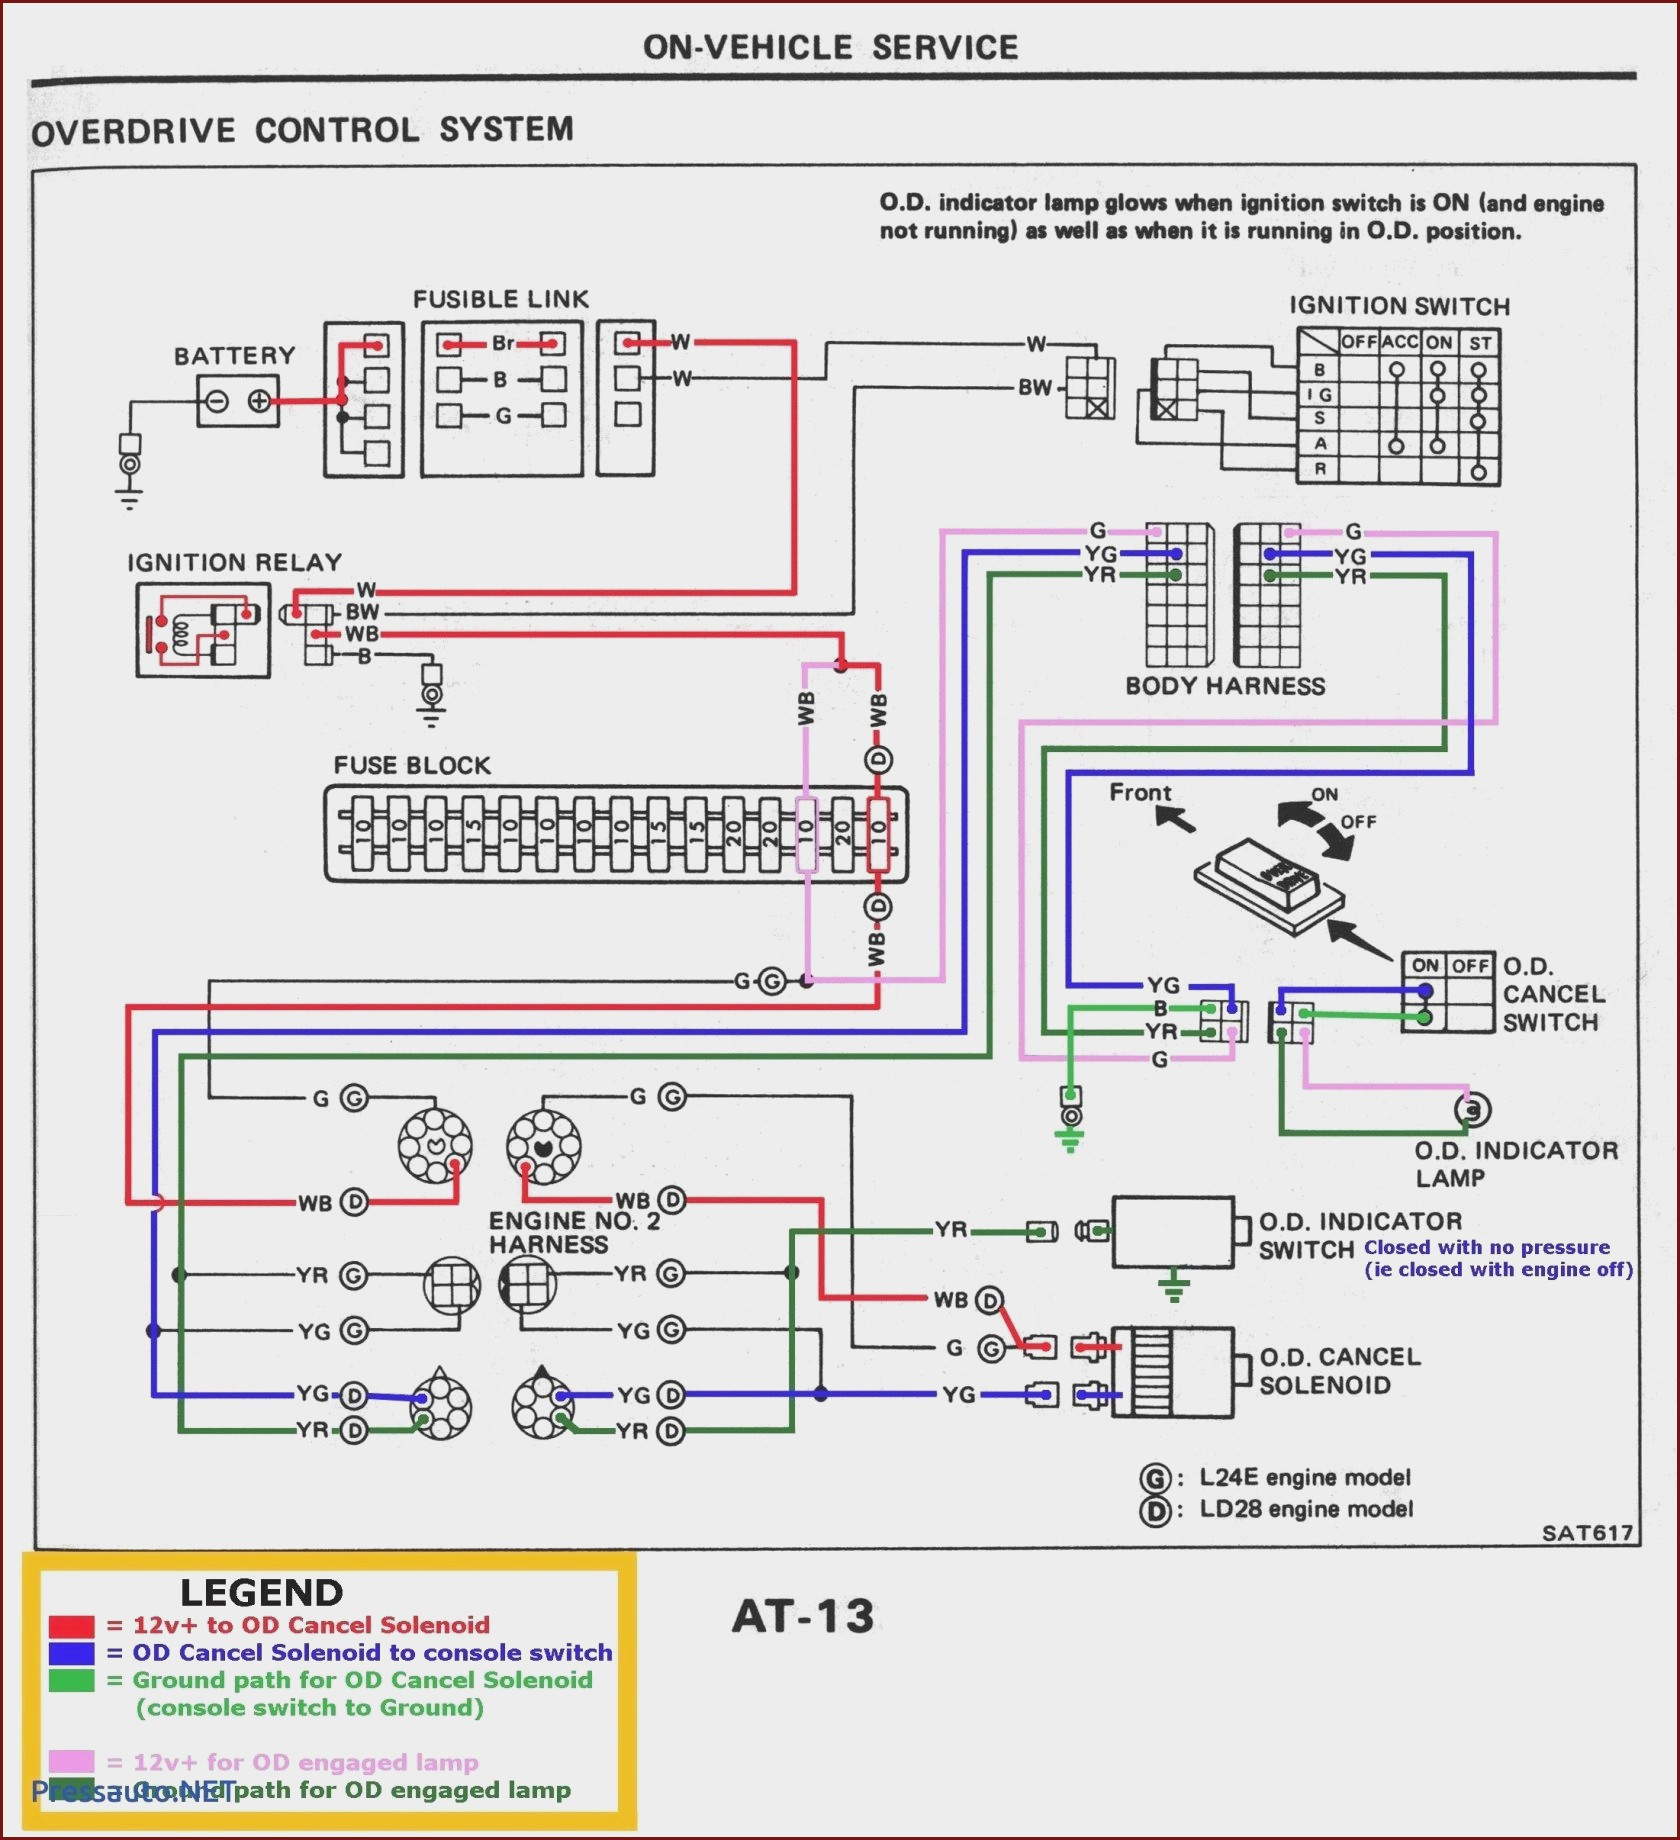 2005 Hyundai Elantra Engine Diagram Bmw X5 Radio Wiring Premium Wiring Diagram Design Of 2005 Hyundai Elantra Engine Diagram